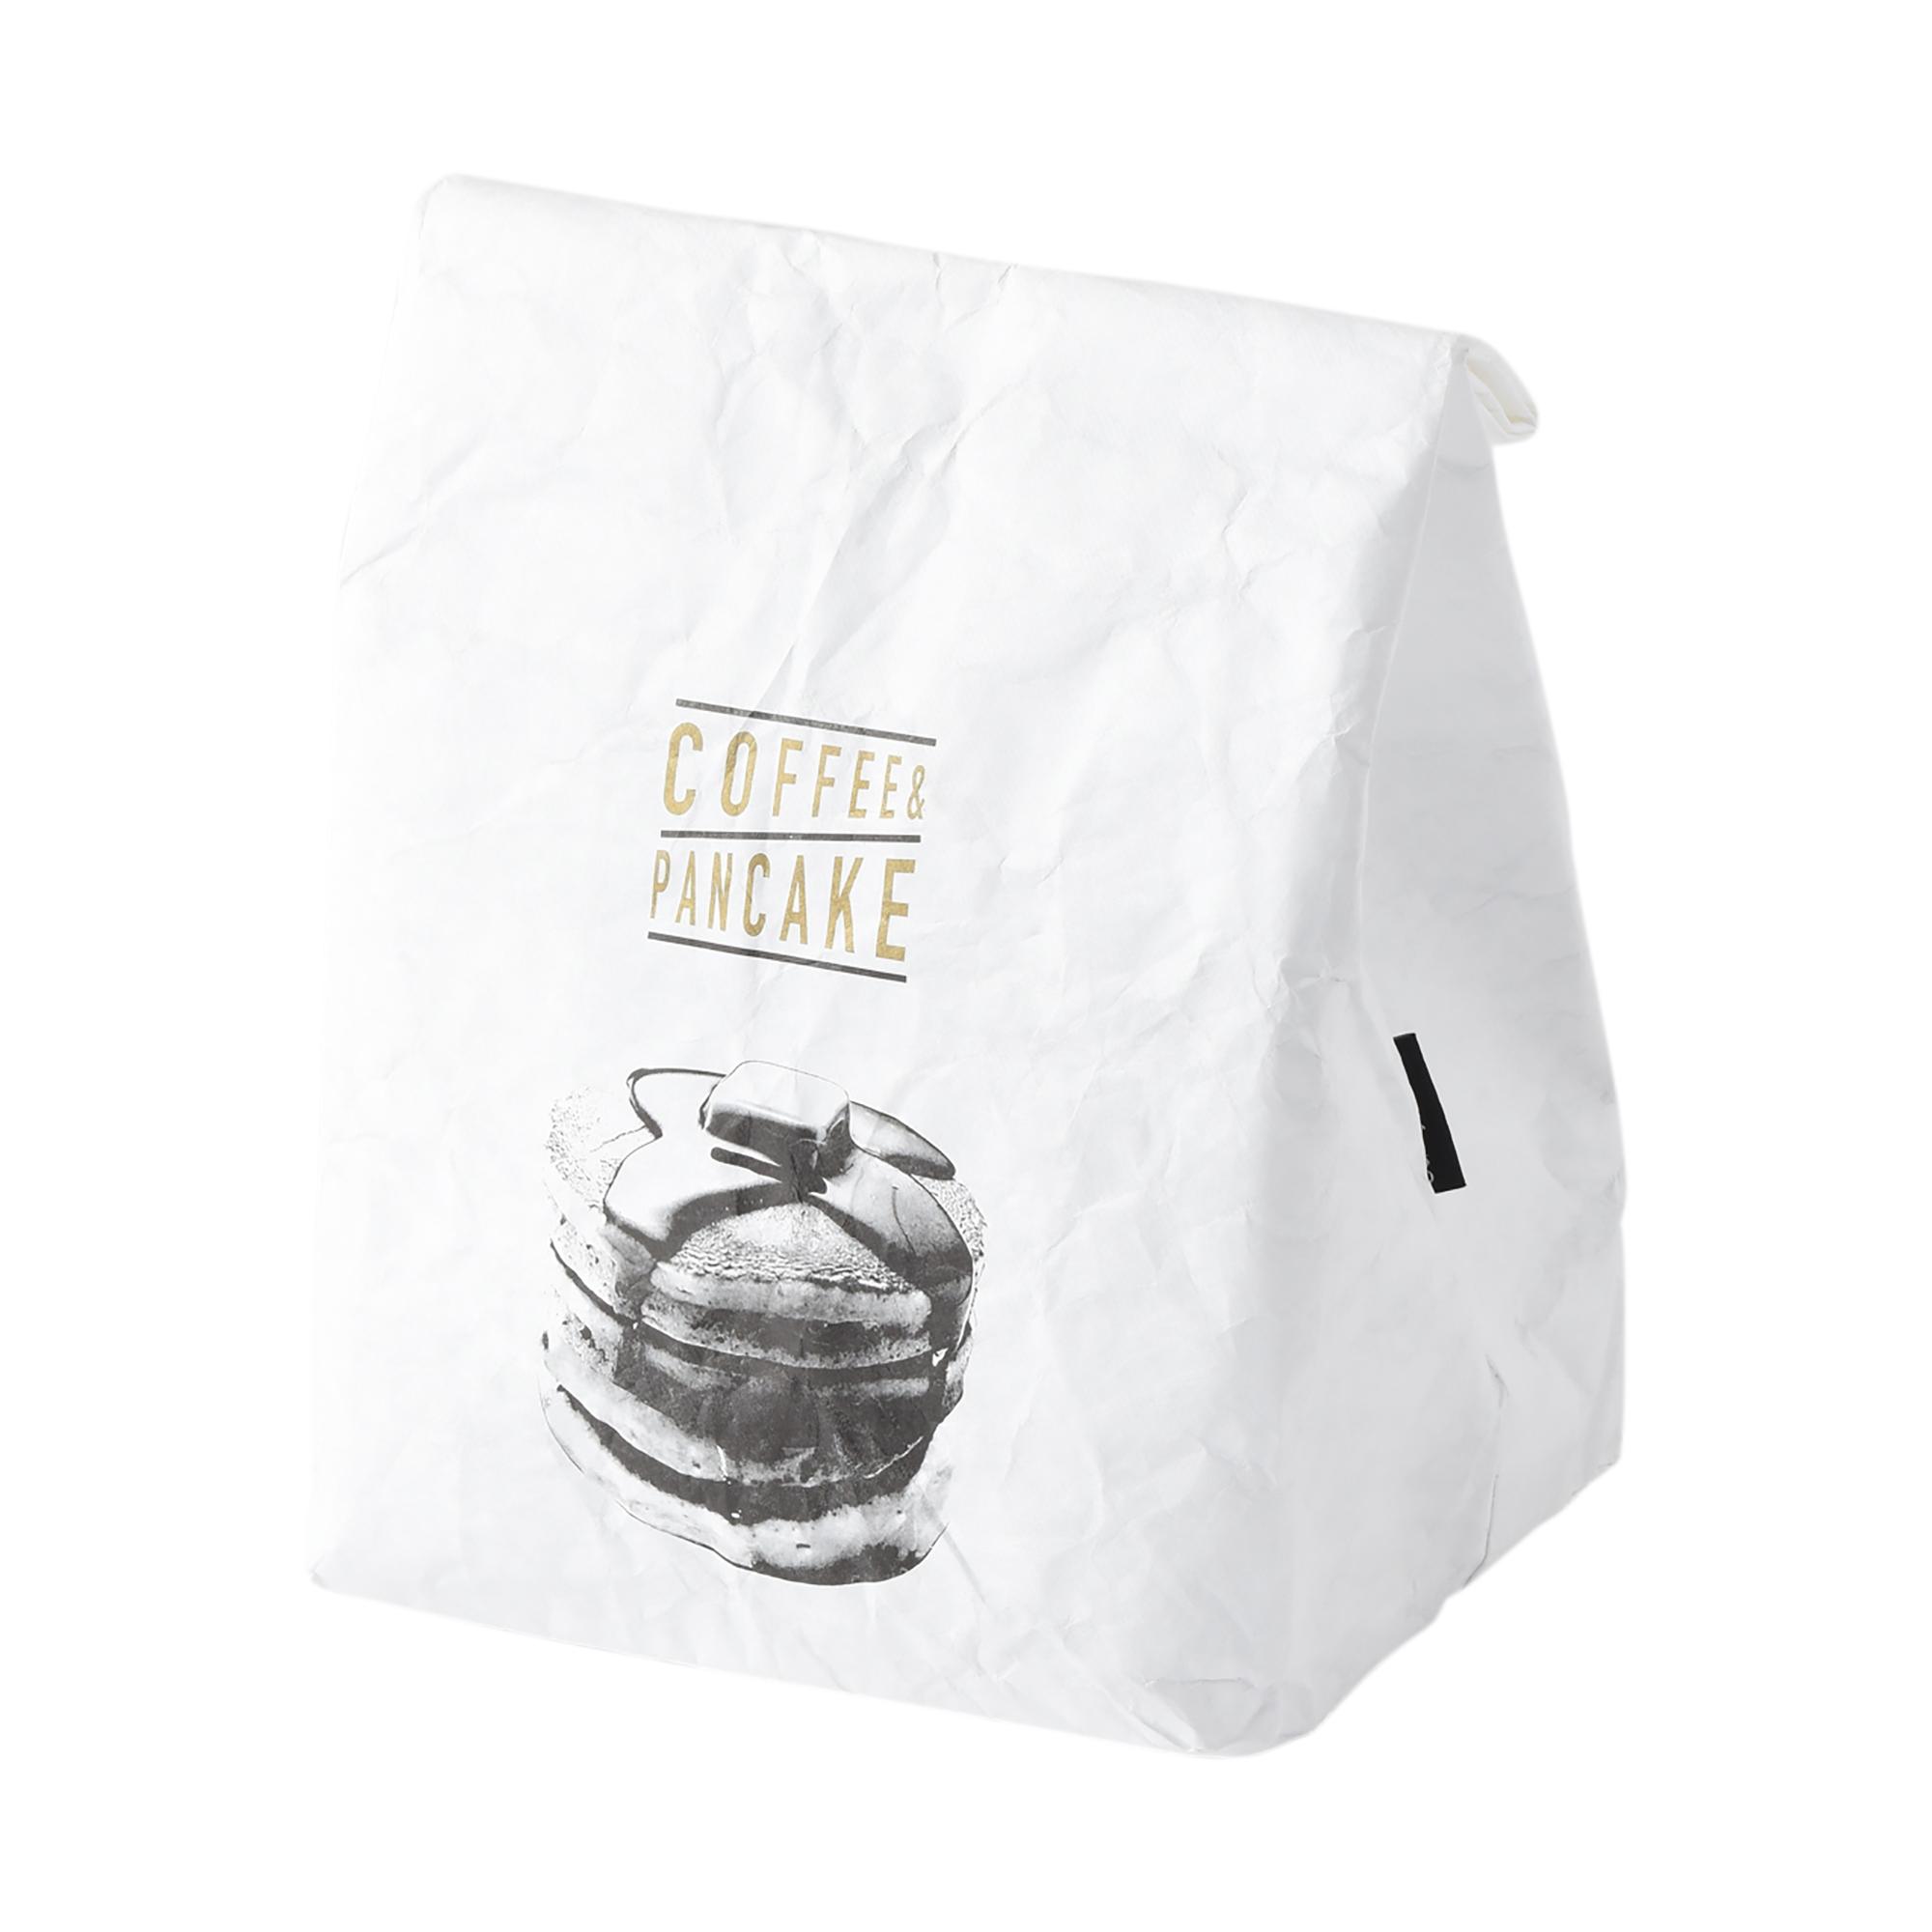 【ブランド別】可愛いランチバッグで昼もおしゃれに過ごしませんか?のサムネイル画像